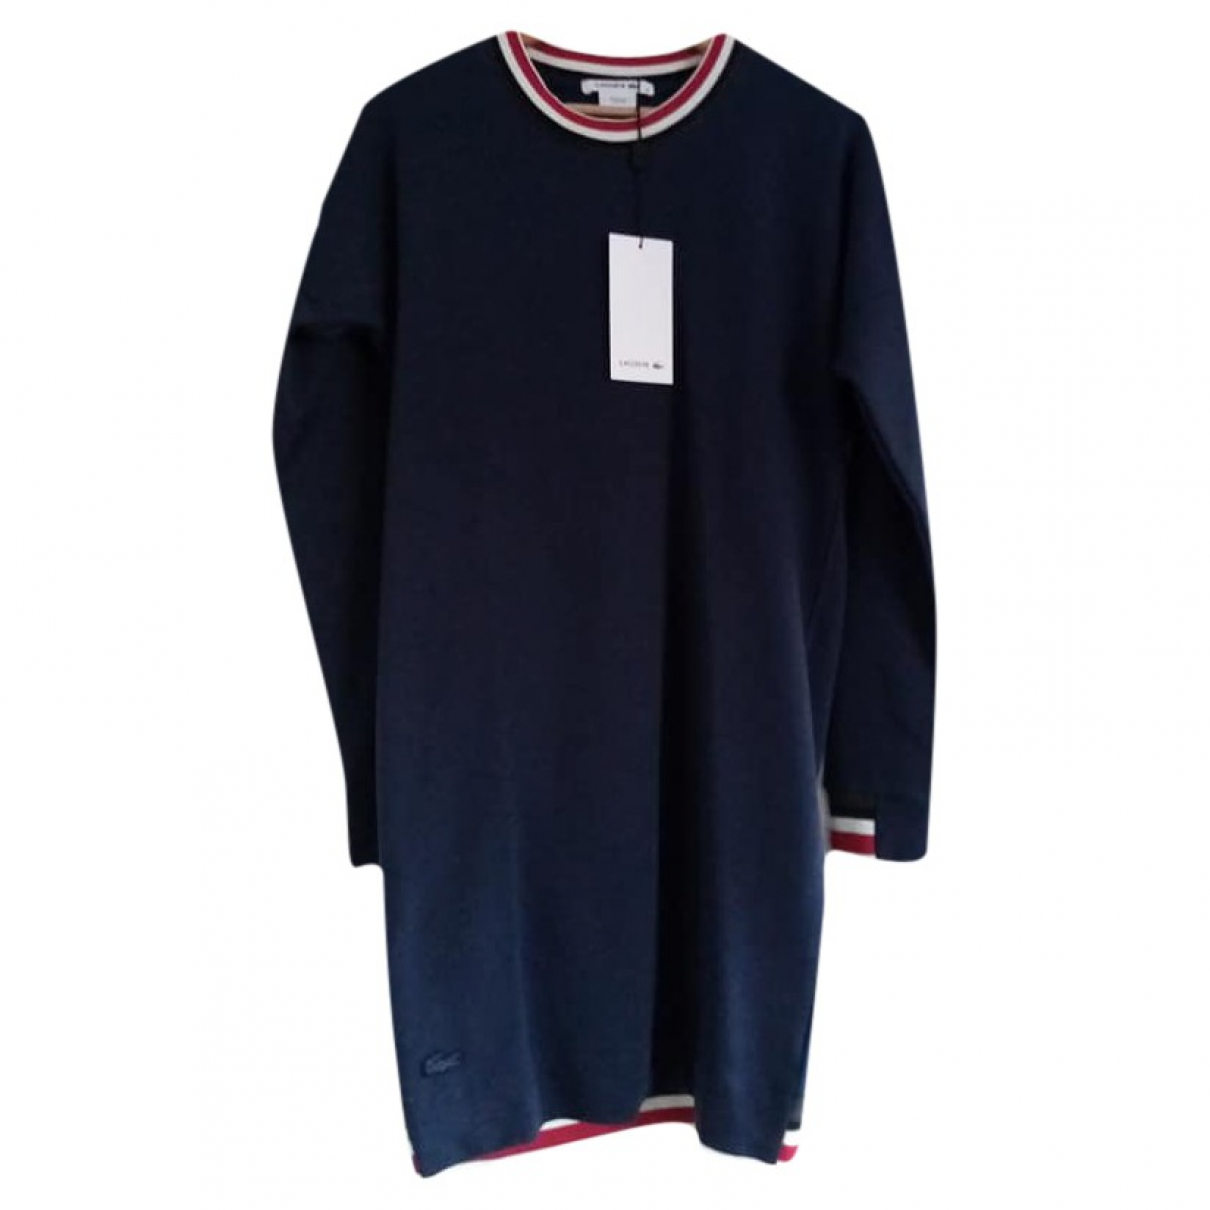 Lacoste \N Kleid in  Marine Polyester